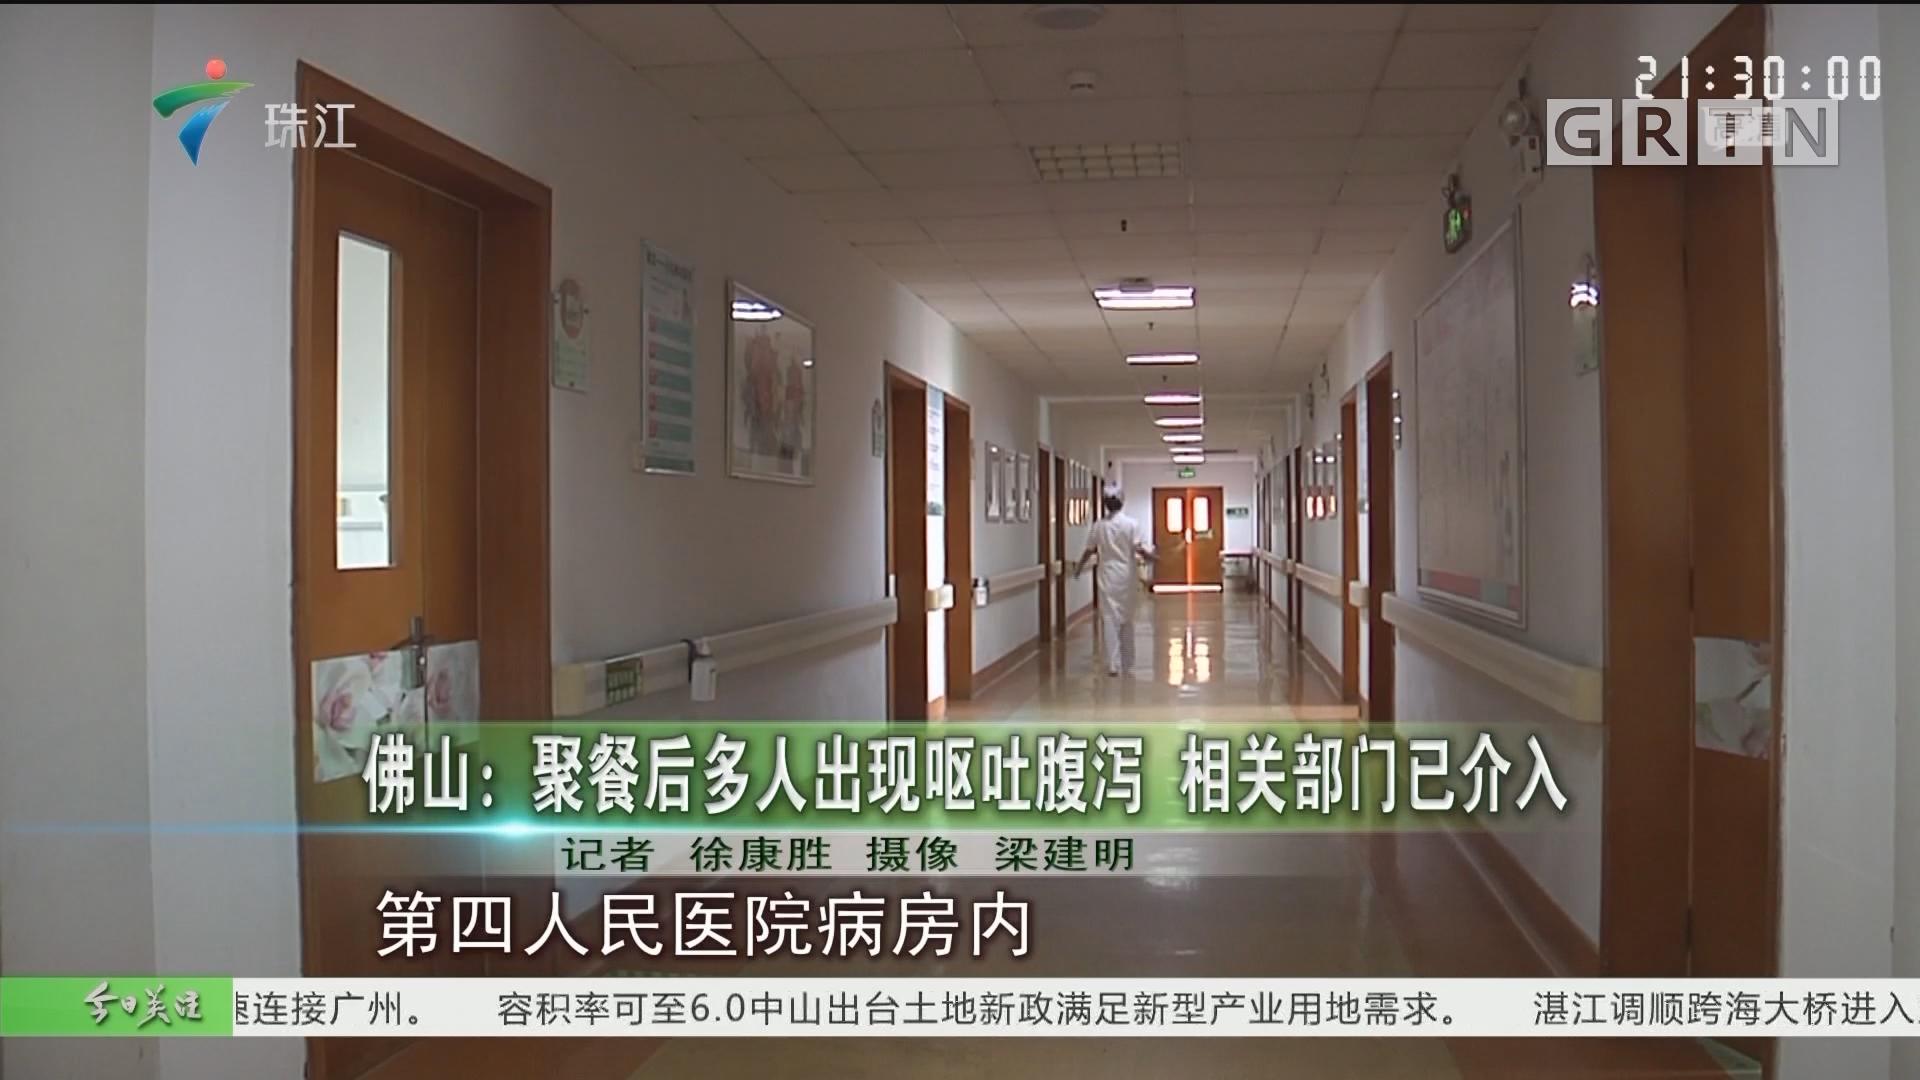 佛山:聚餐后多人出现呕吐腹泻 相关部门已介入